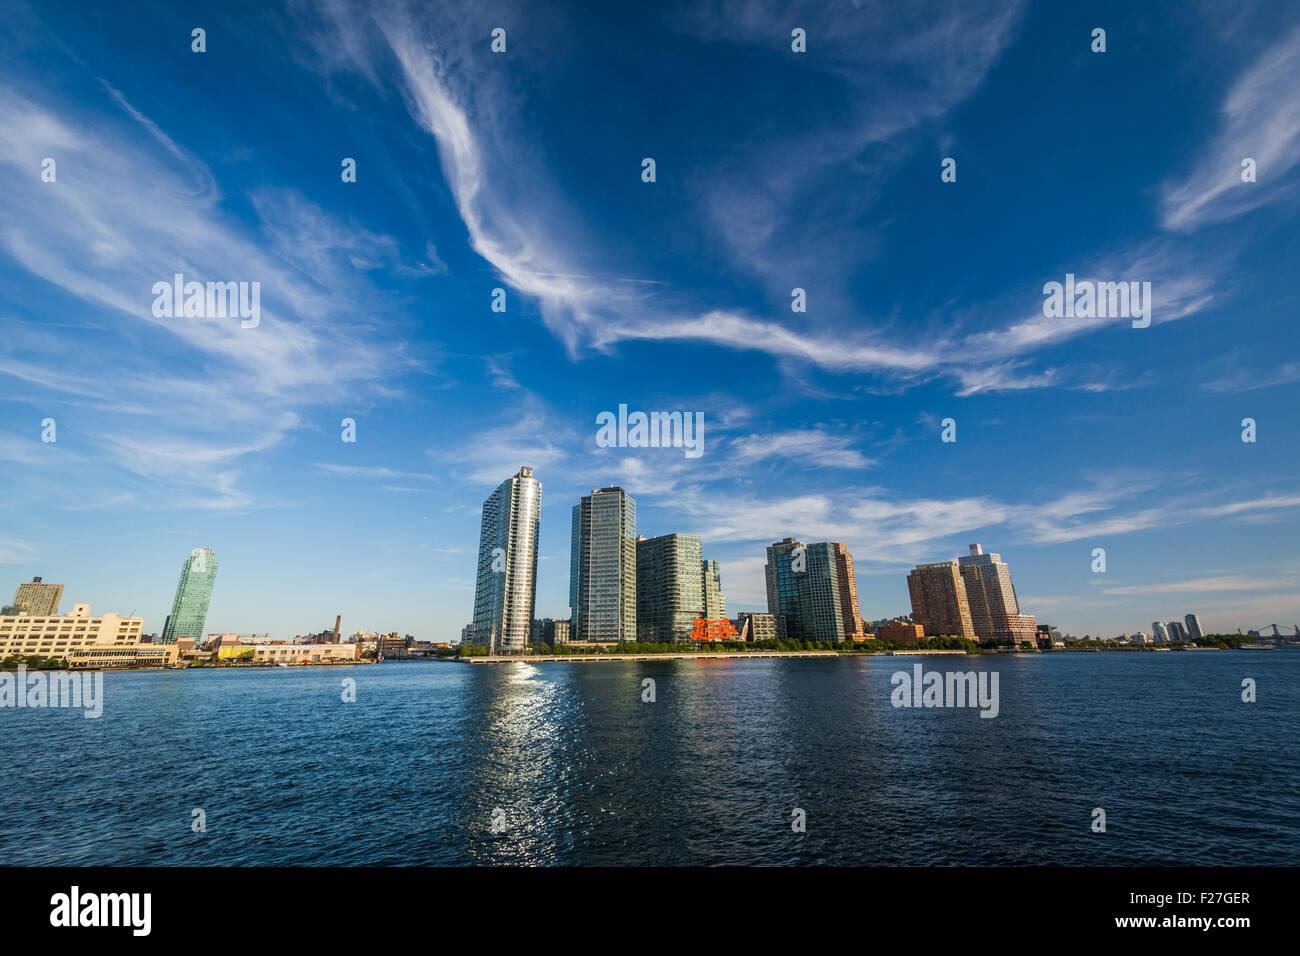 Vista del horizonte de la ciudad de Long Island desde Roosevelt Island, en Manhattan, Nueva York. Foto de stock